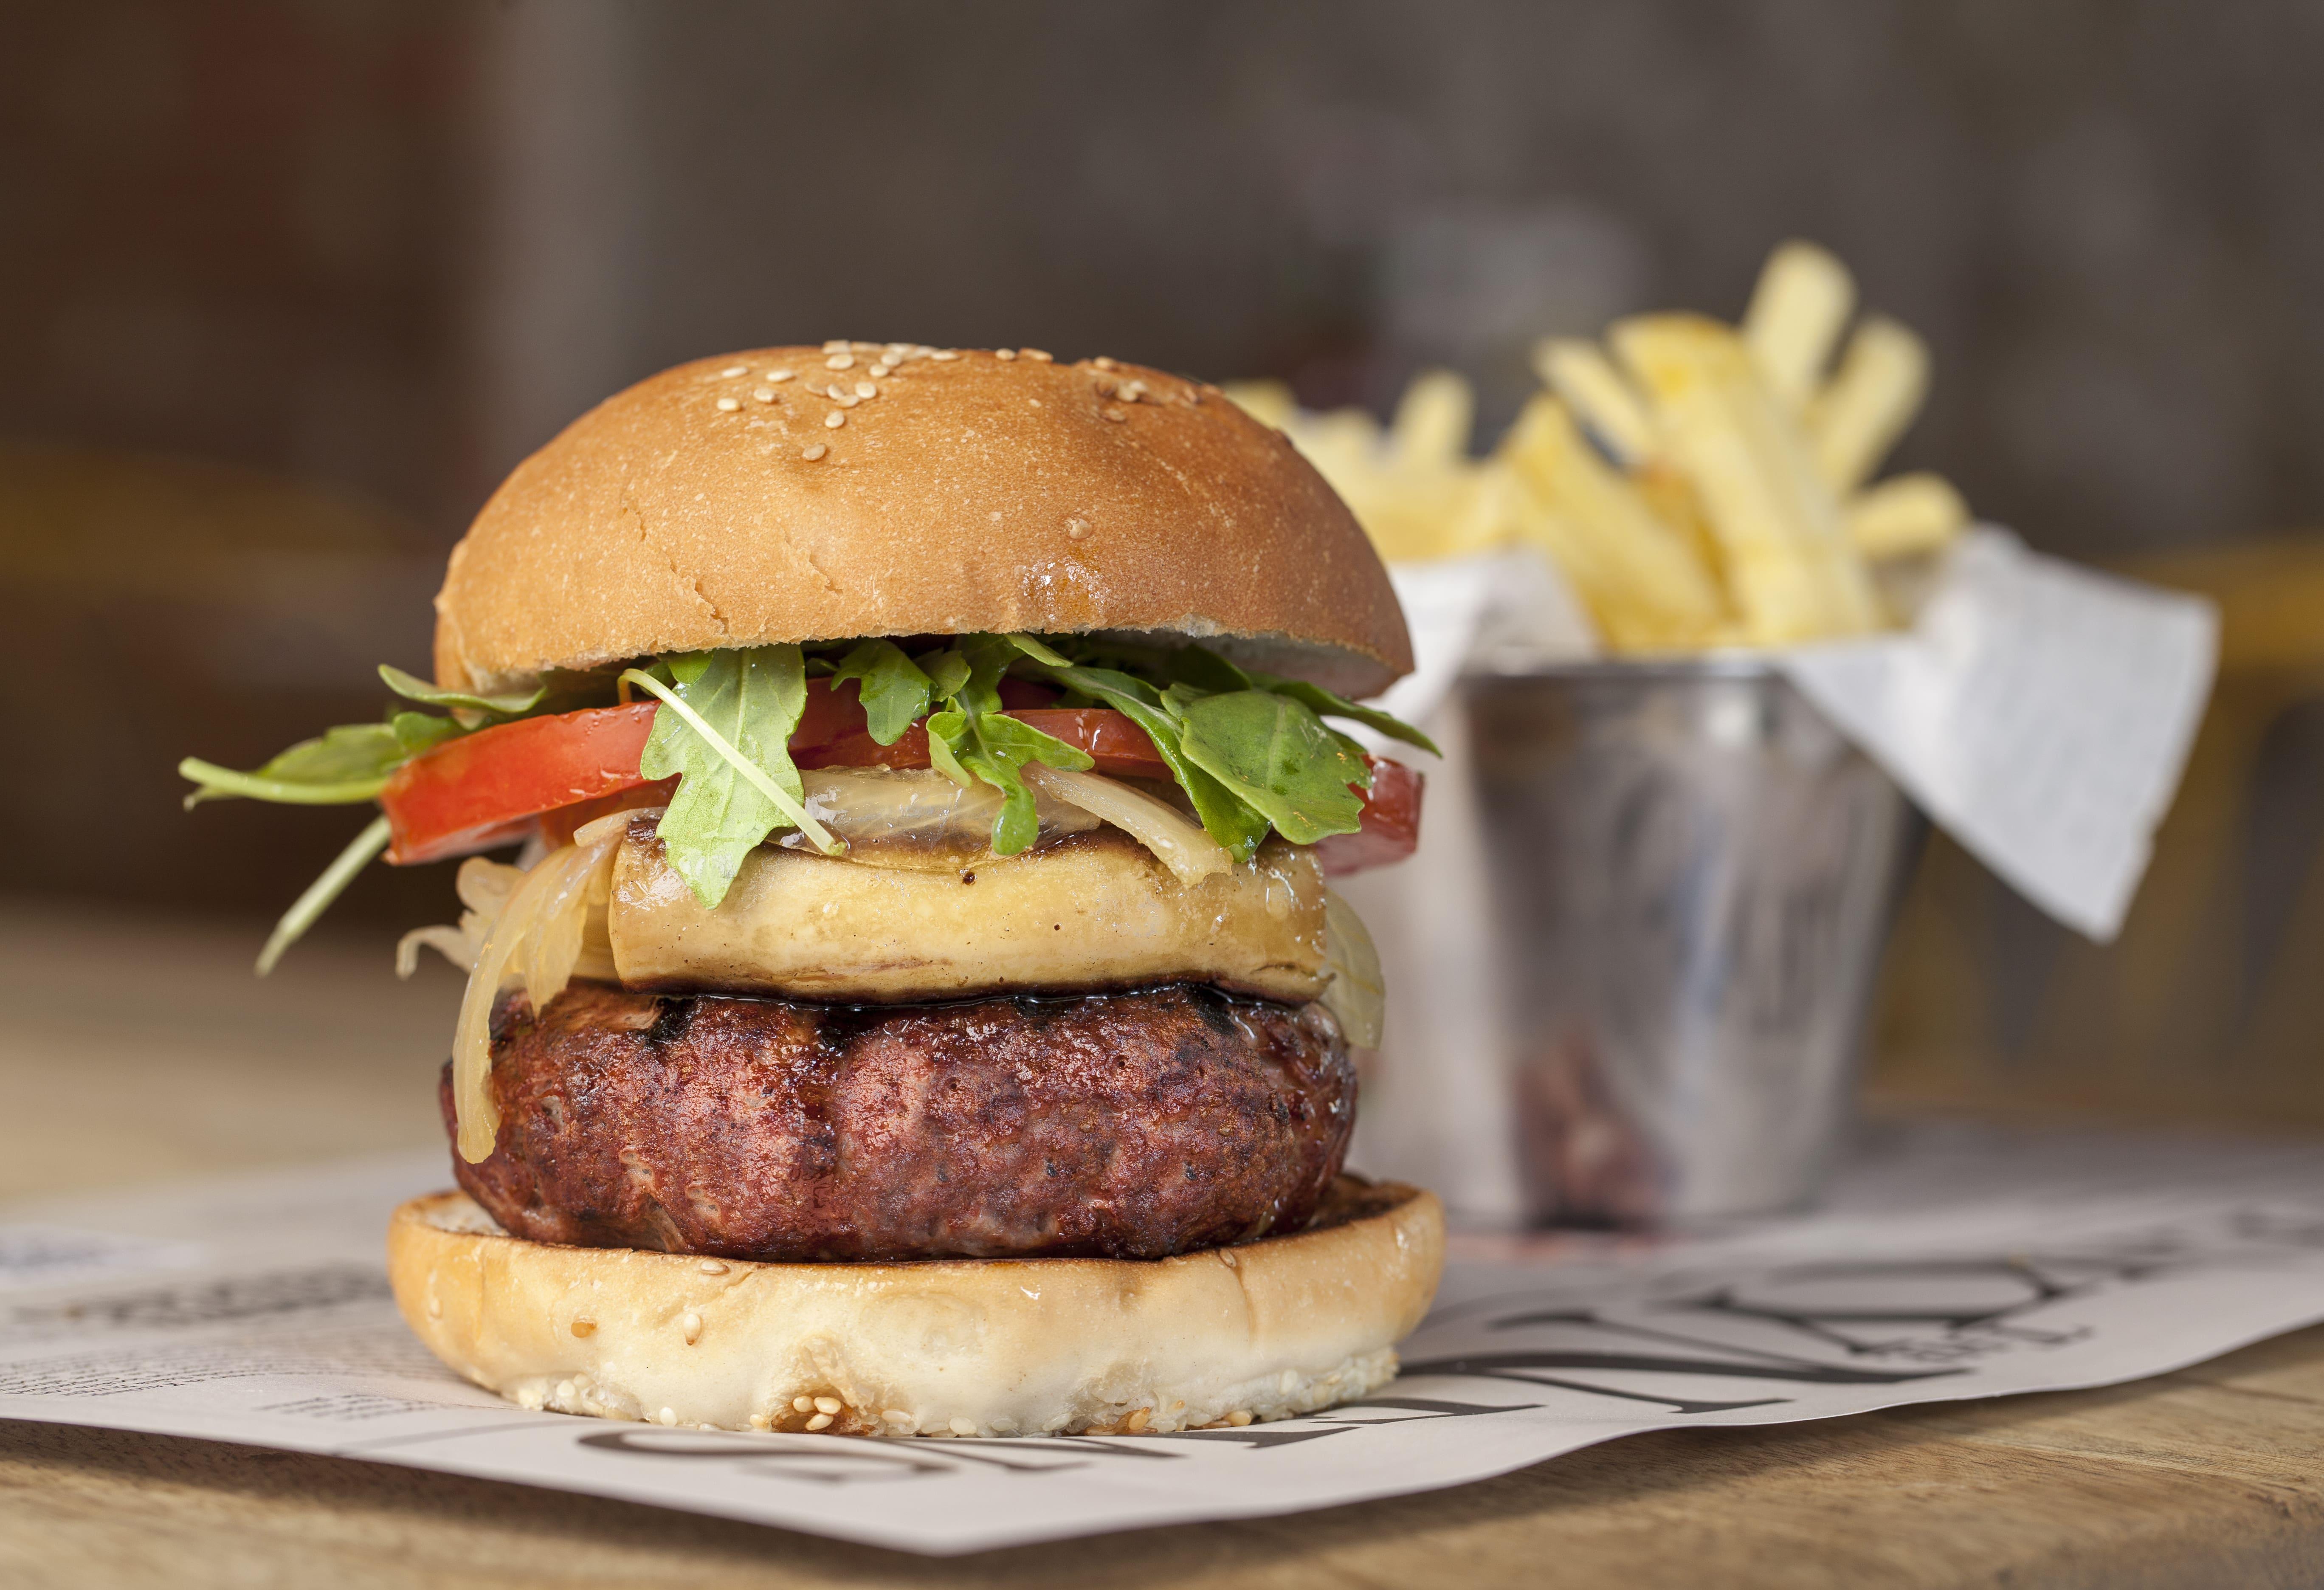 Comida americana: protagonismo de la hamburguesa